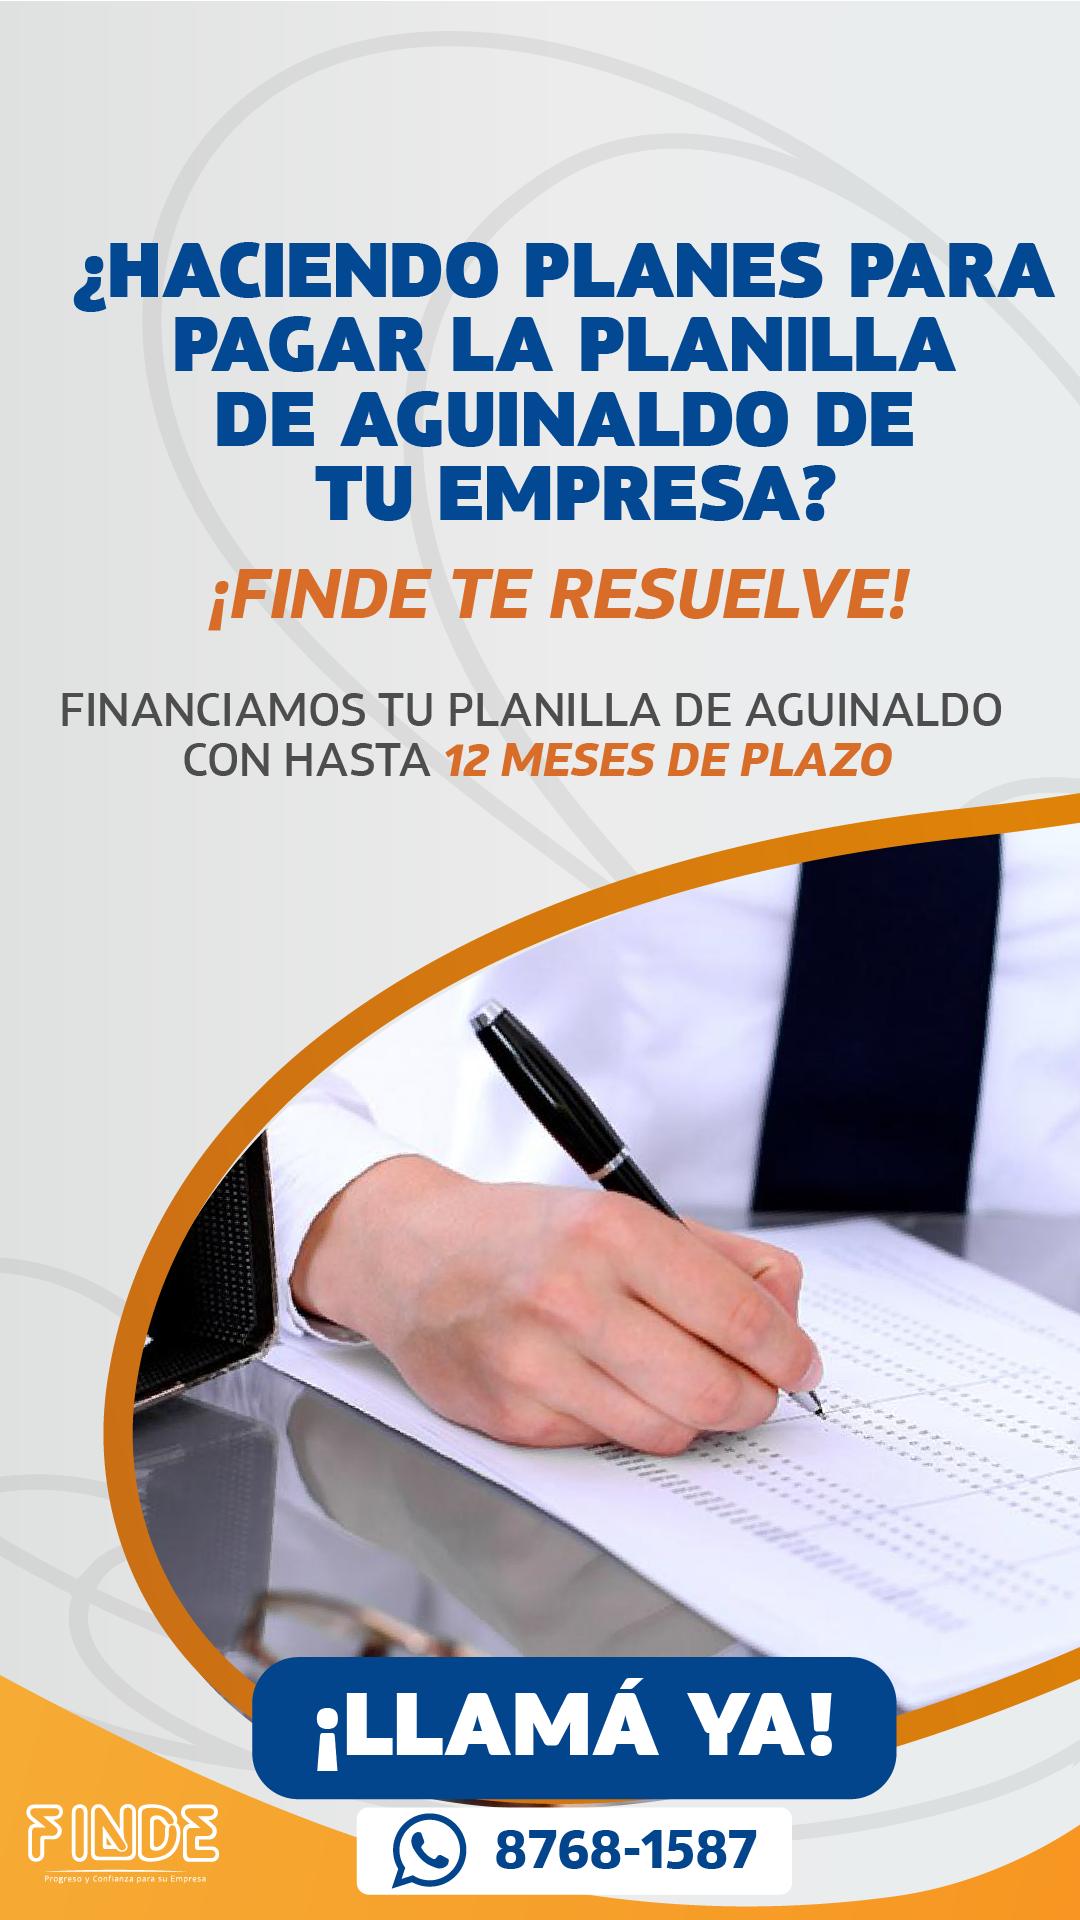 Dar a conocer el lanzamiento del crédito de aguinaldo FINDE